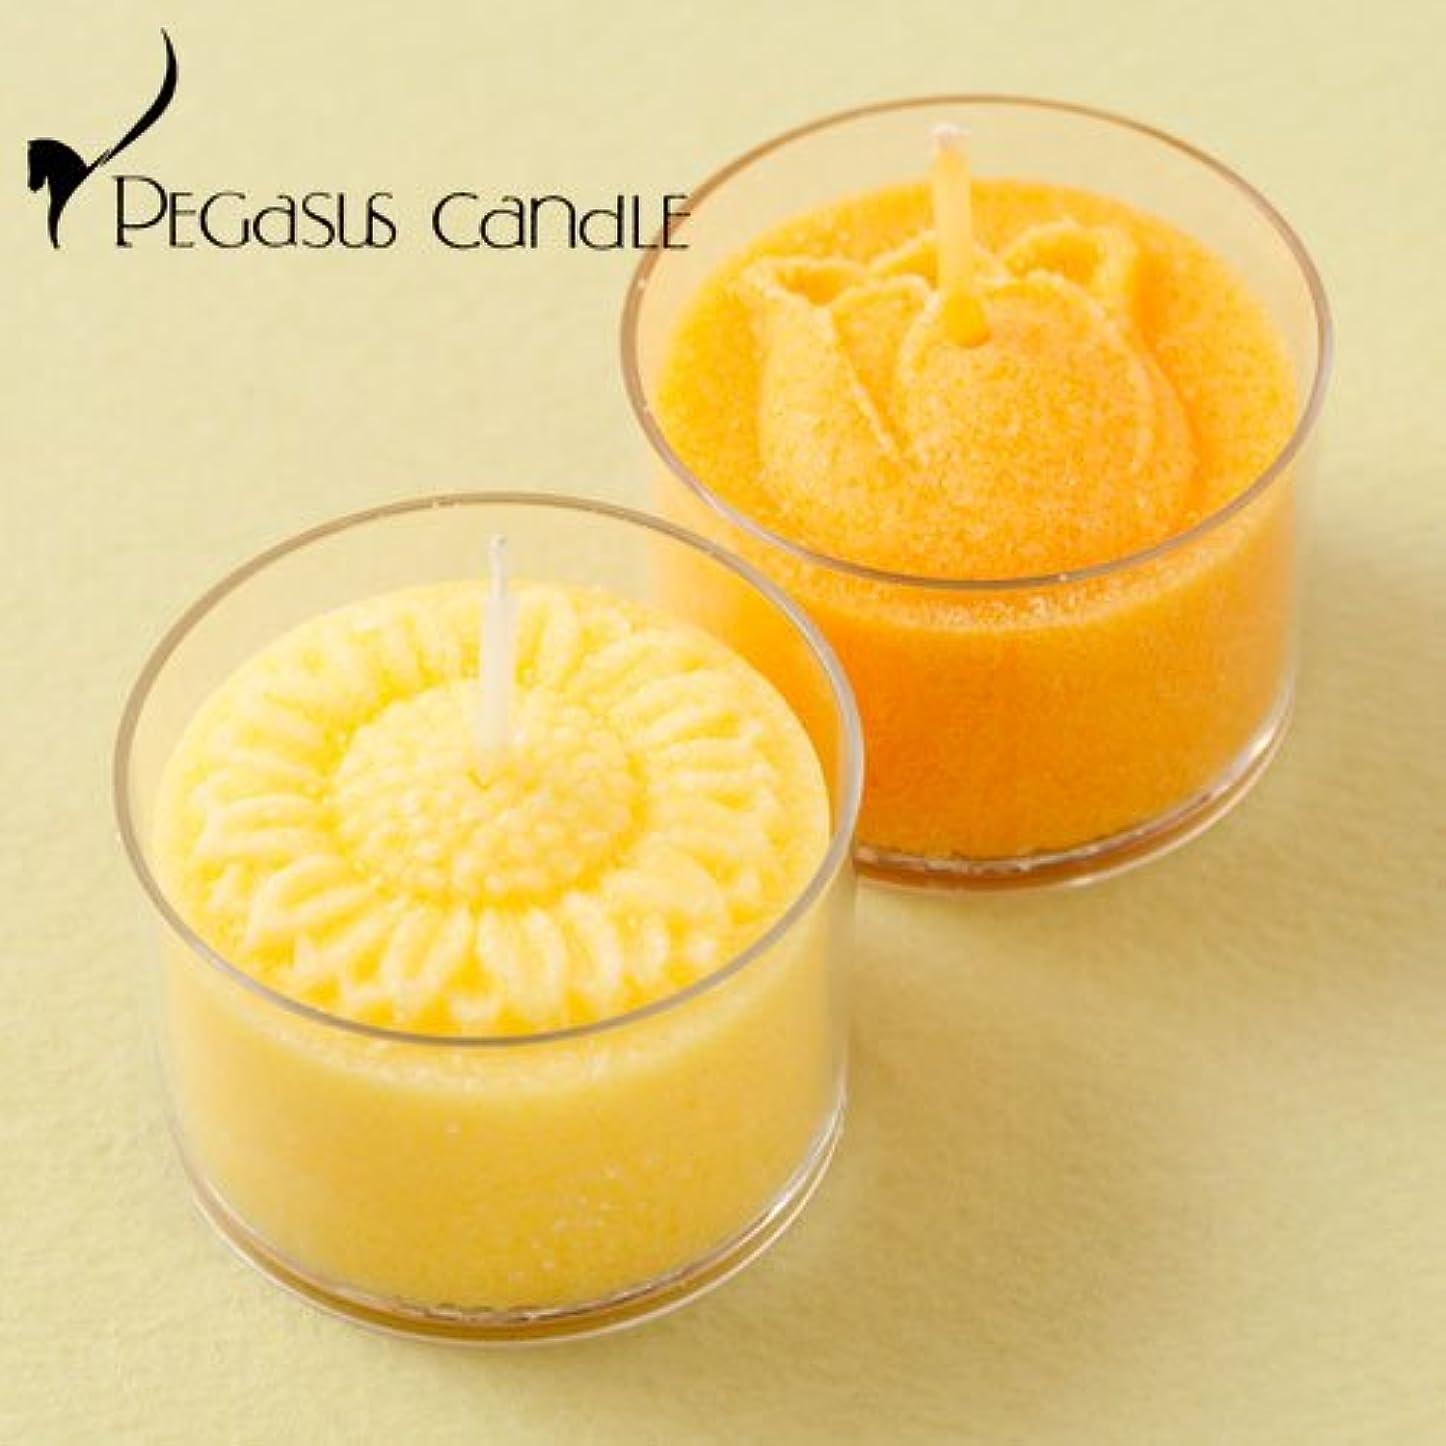 日食特別に海外花暦ヒマワリ?チューリップ花の形のキャンドル2個セット(無香タイプ)ペガサスキャンドルFlower shaped candle